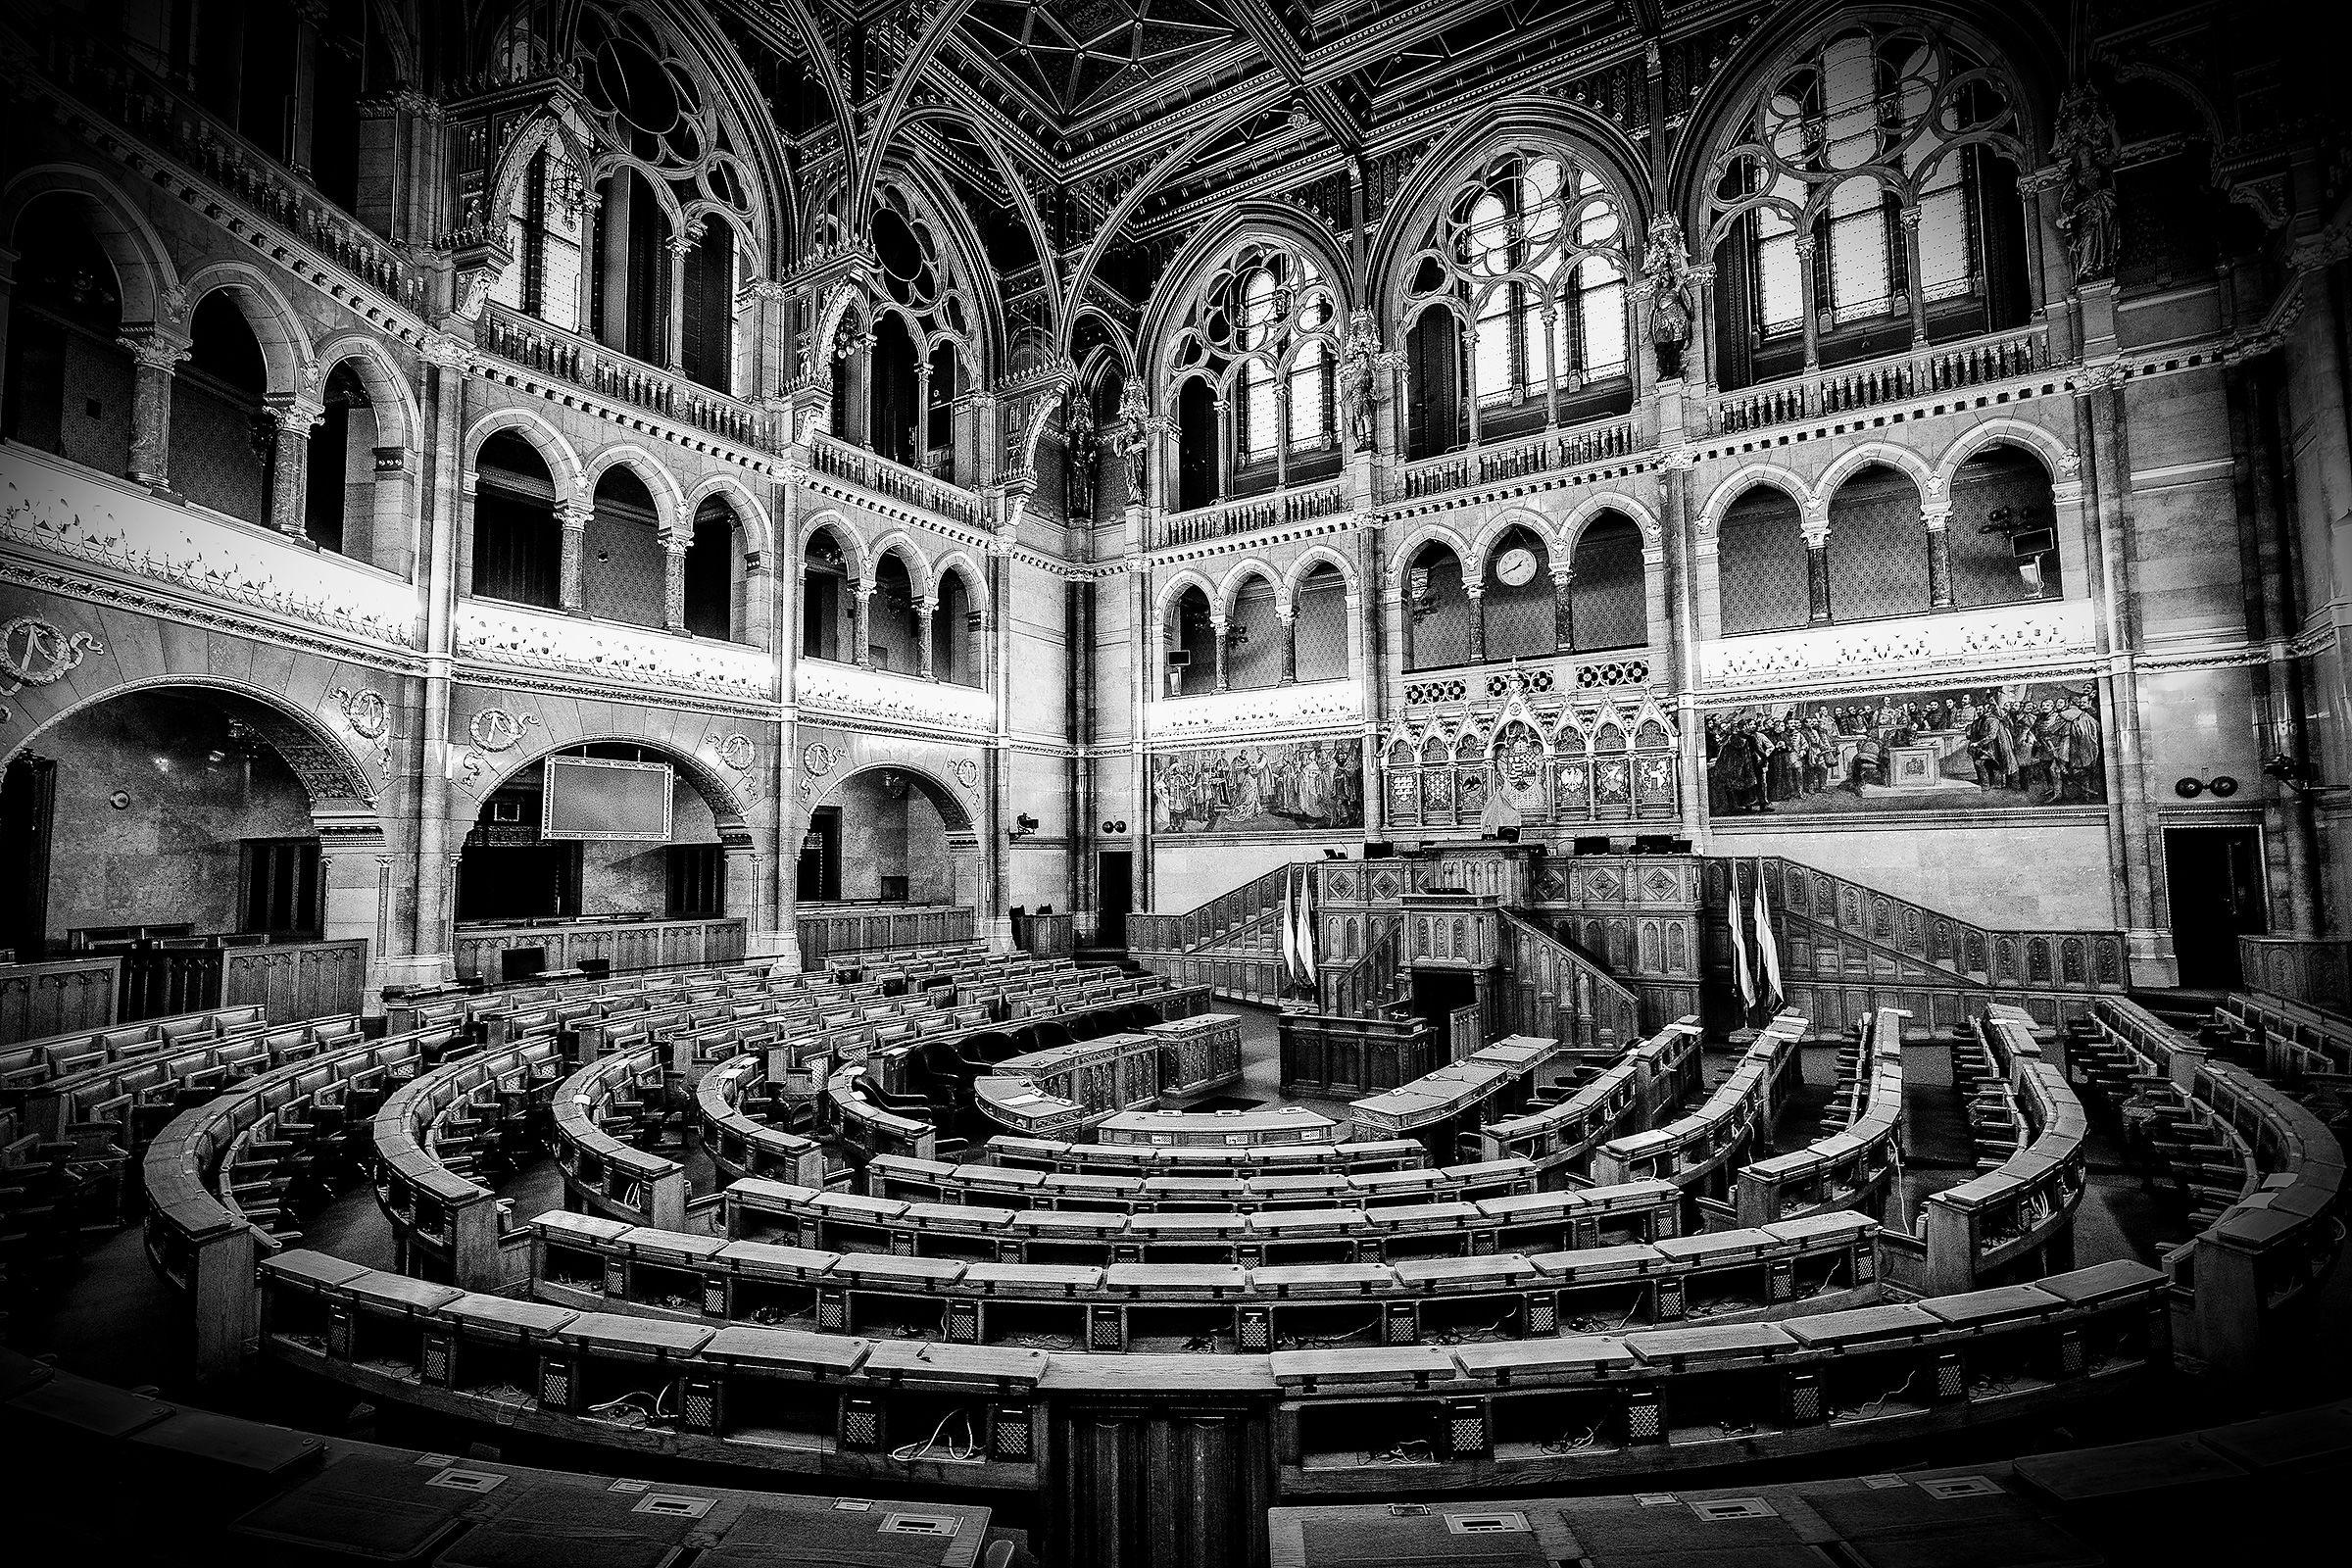 Il parlamento di budapest juzaphoto for Il parlamento